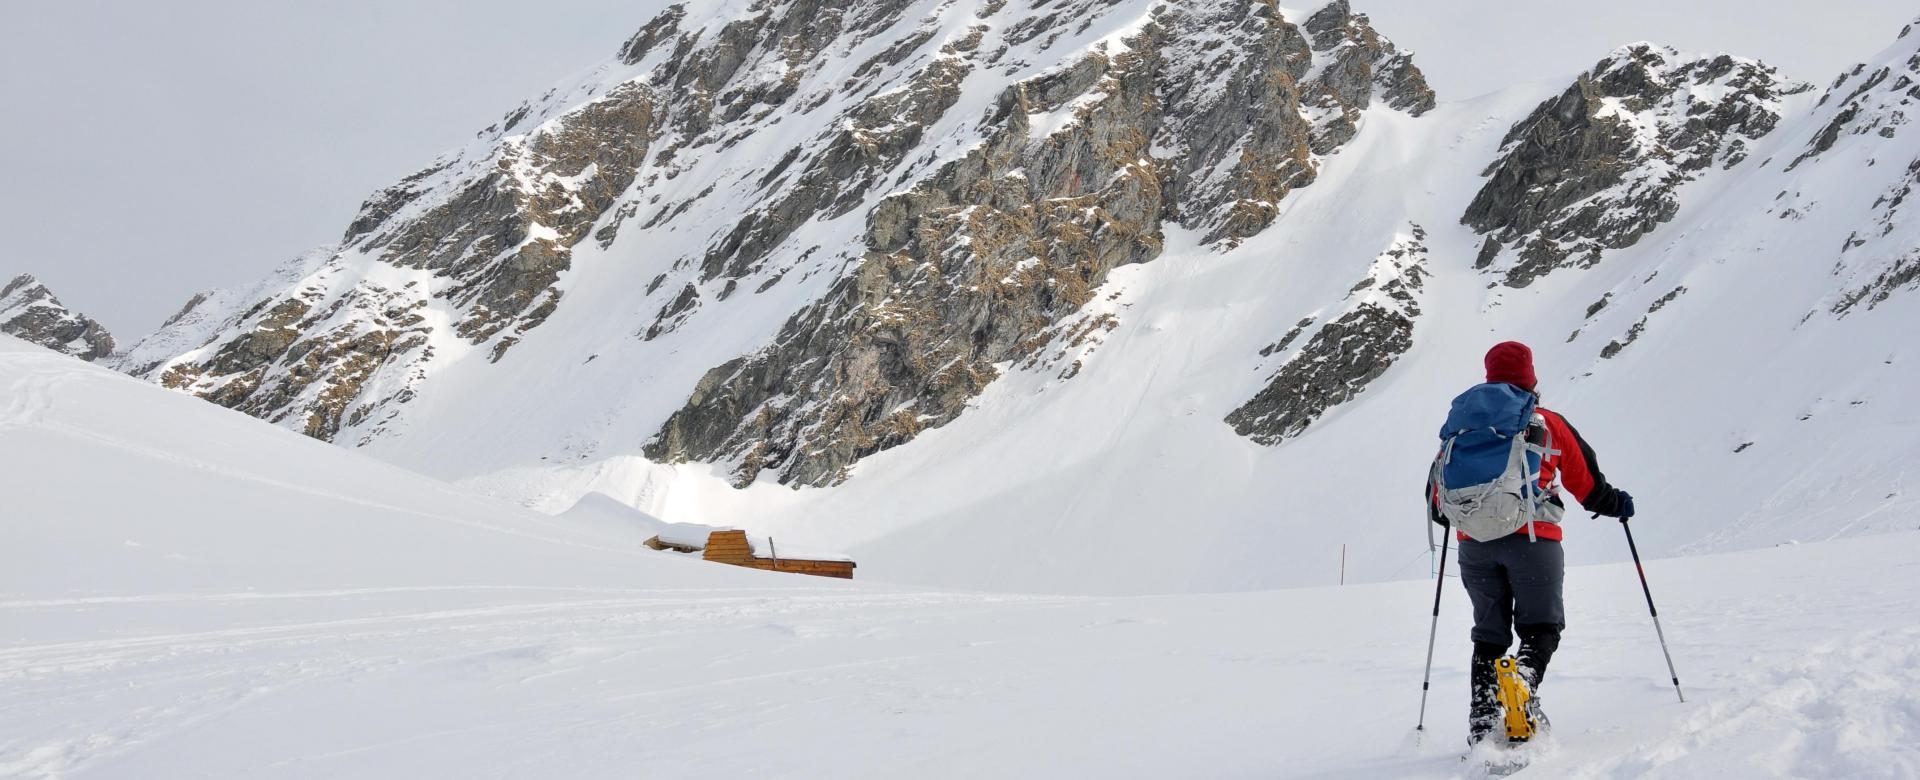 Voyage à la neige Roumanie : Bucarest, carpates et transylvanie en hiver